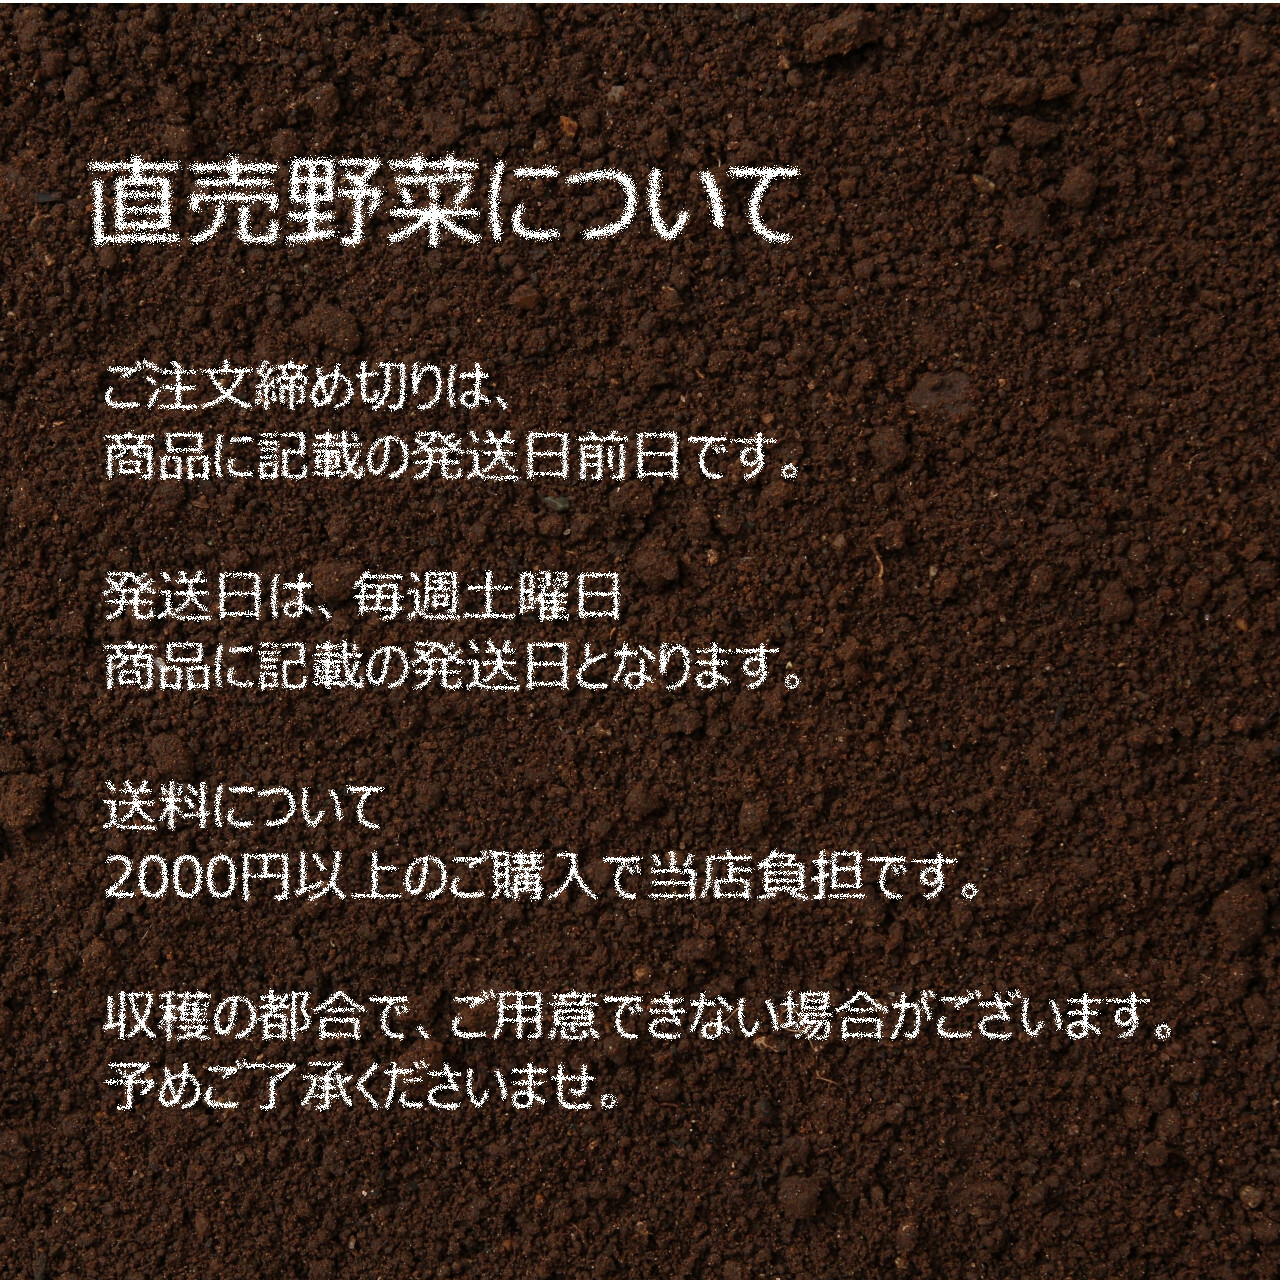 7月の新鮮野菜 : インゲン 約200g  朝採り直売野菜 7月18日発送予定